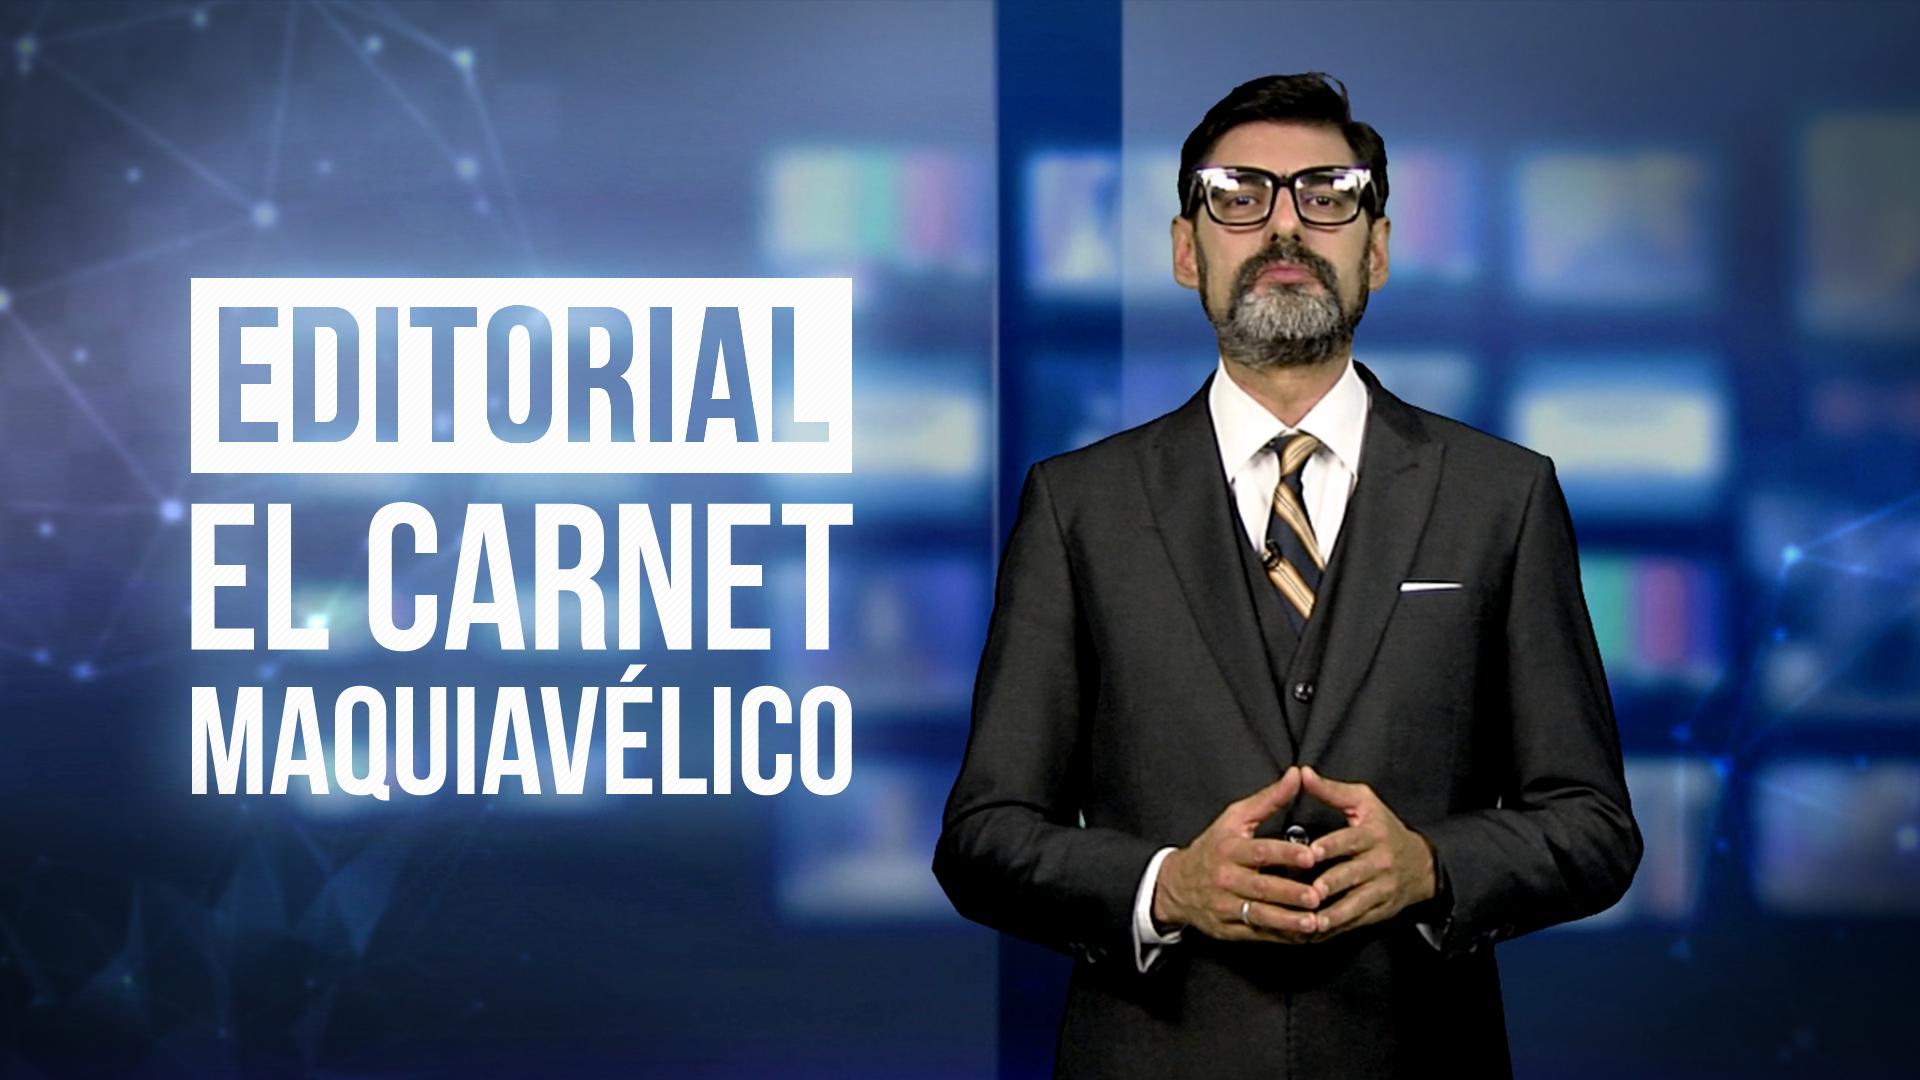 Reporte Semanal - Editorial: El carnet maquiavélico